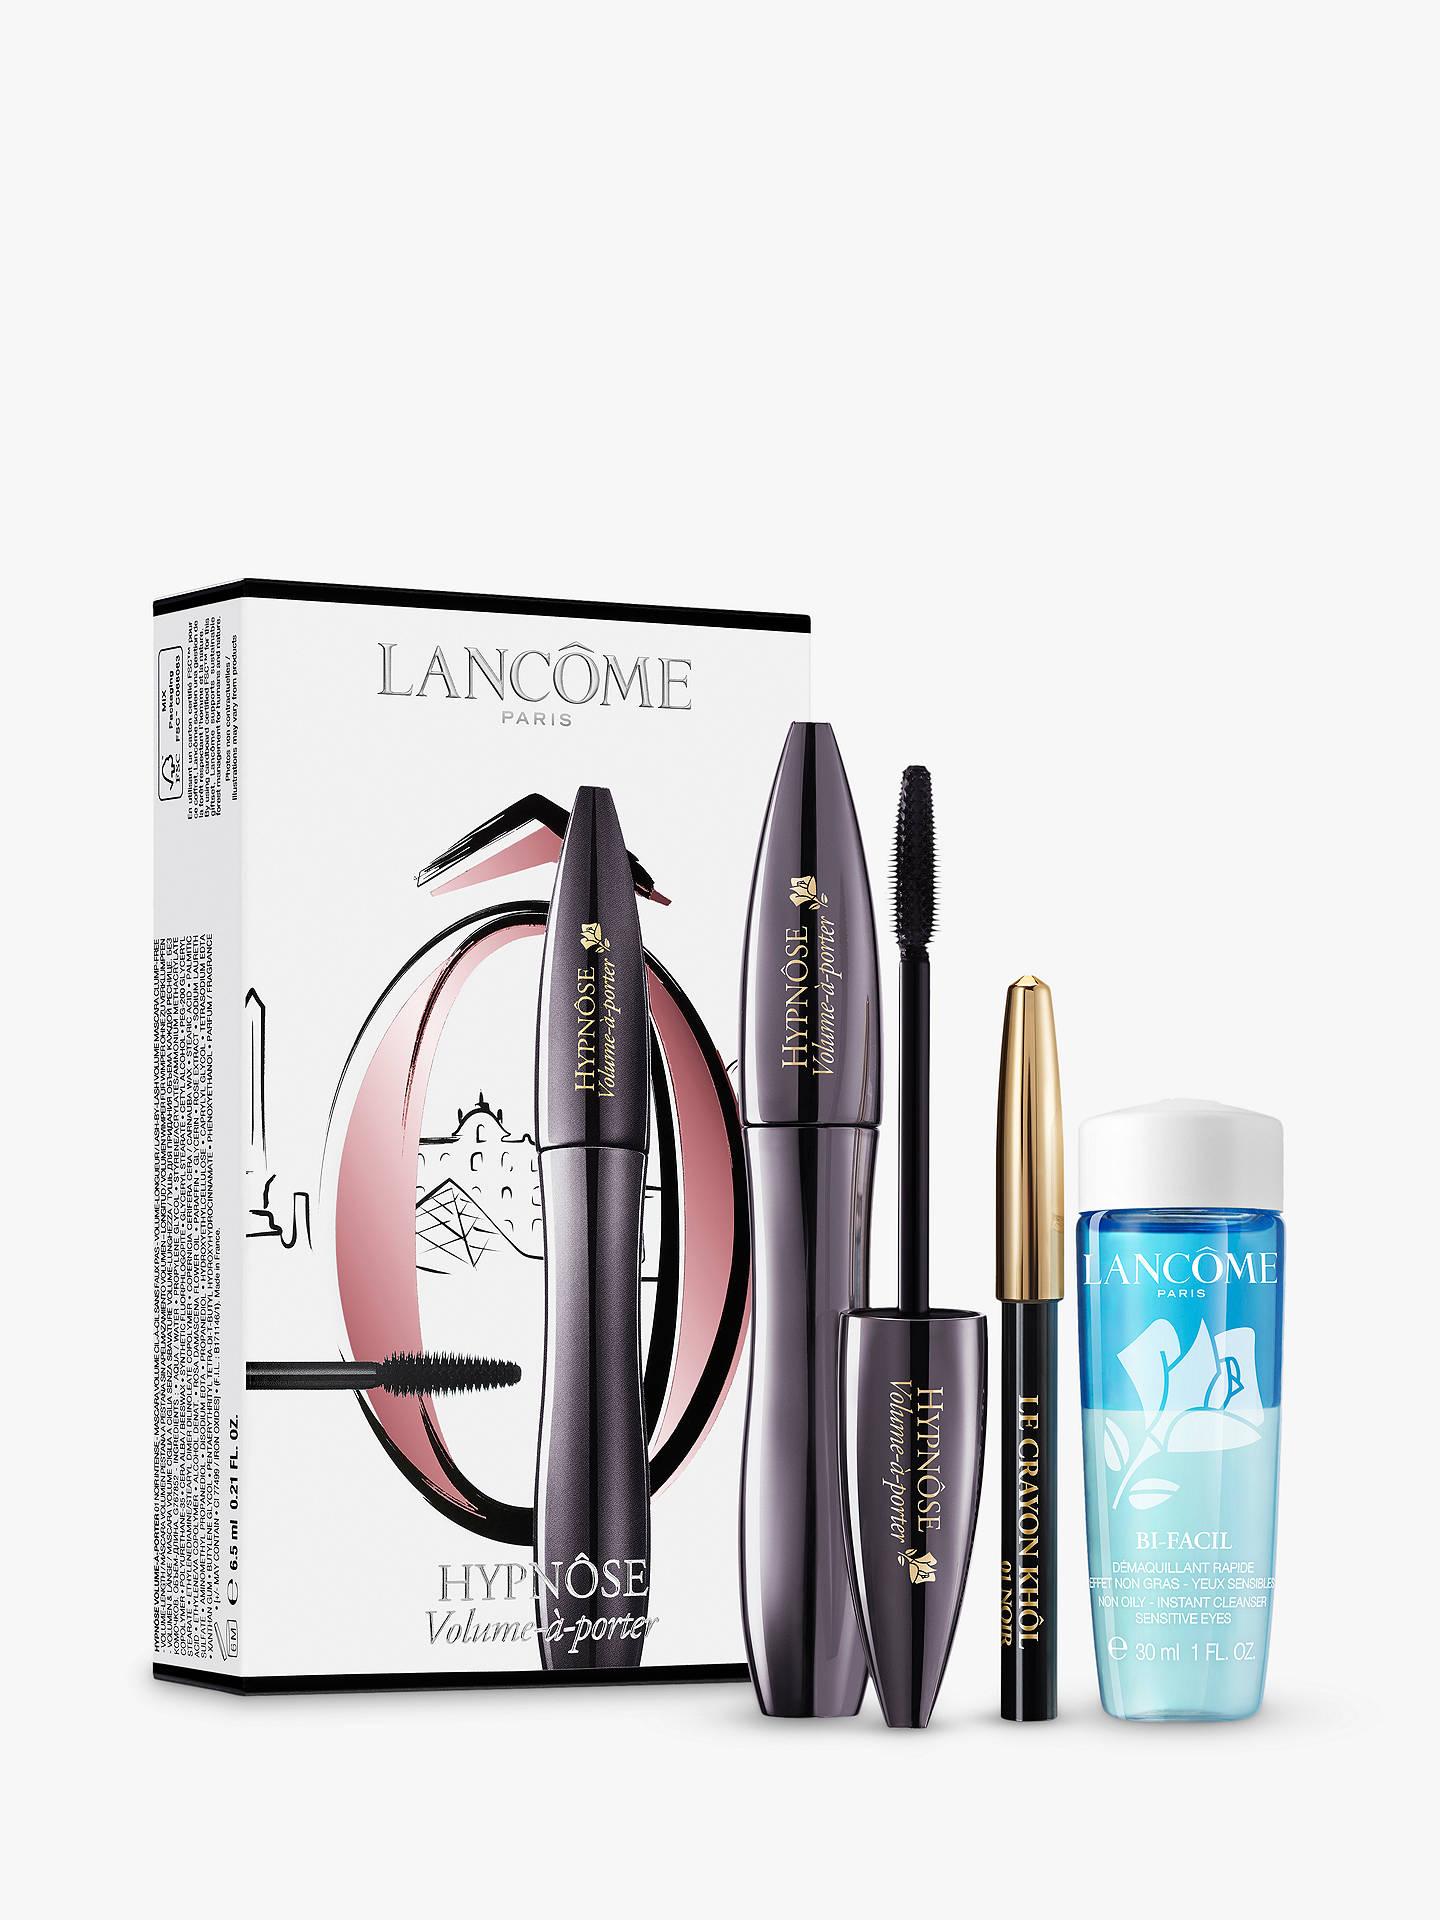 fe235108ac0 Buy Lancôme Hypnôse Volume-à-Porter Mascara Makeup Gift Set Online at  johnlewis.